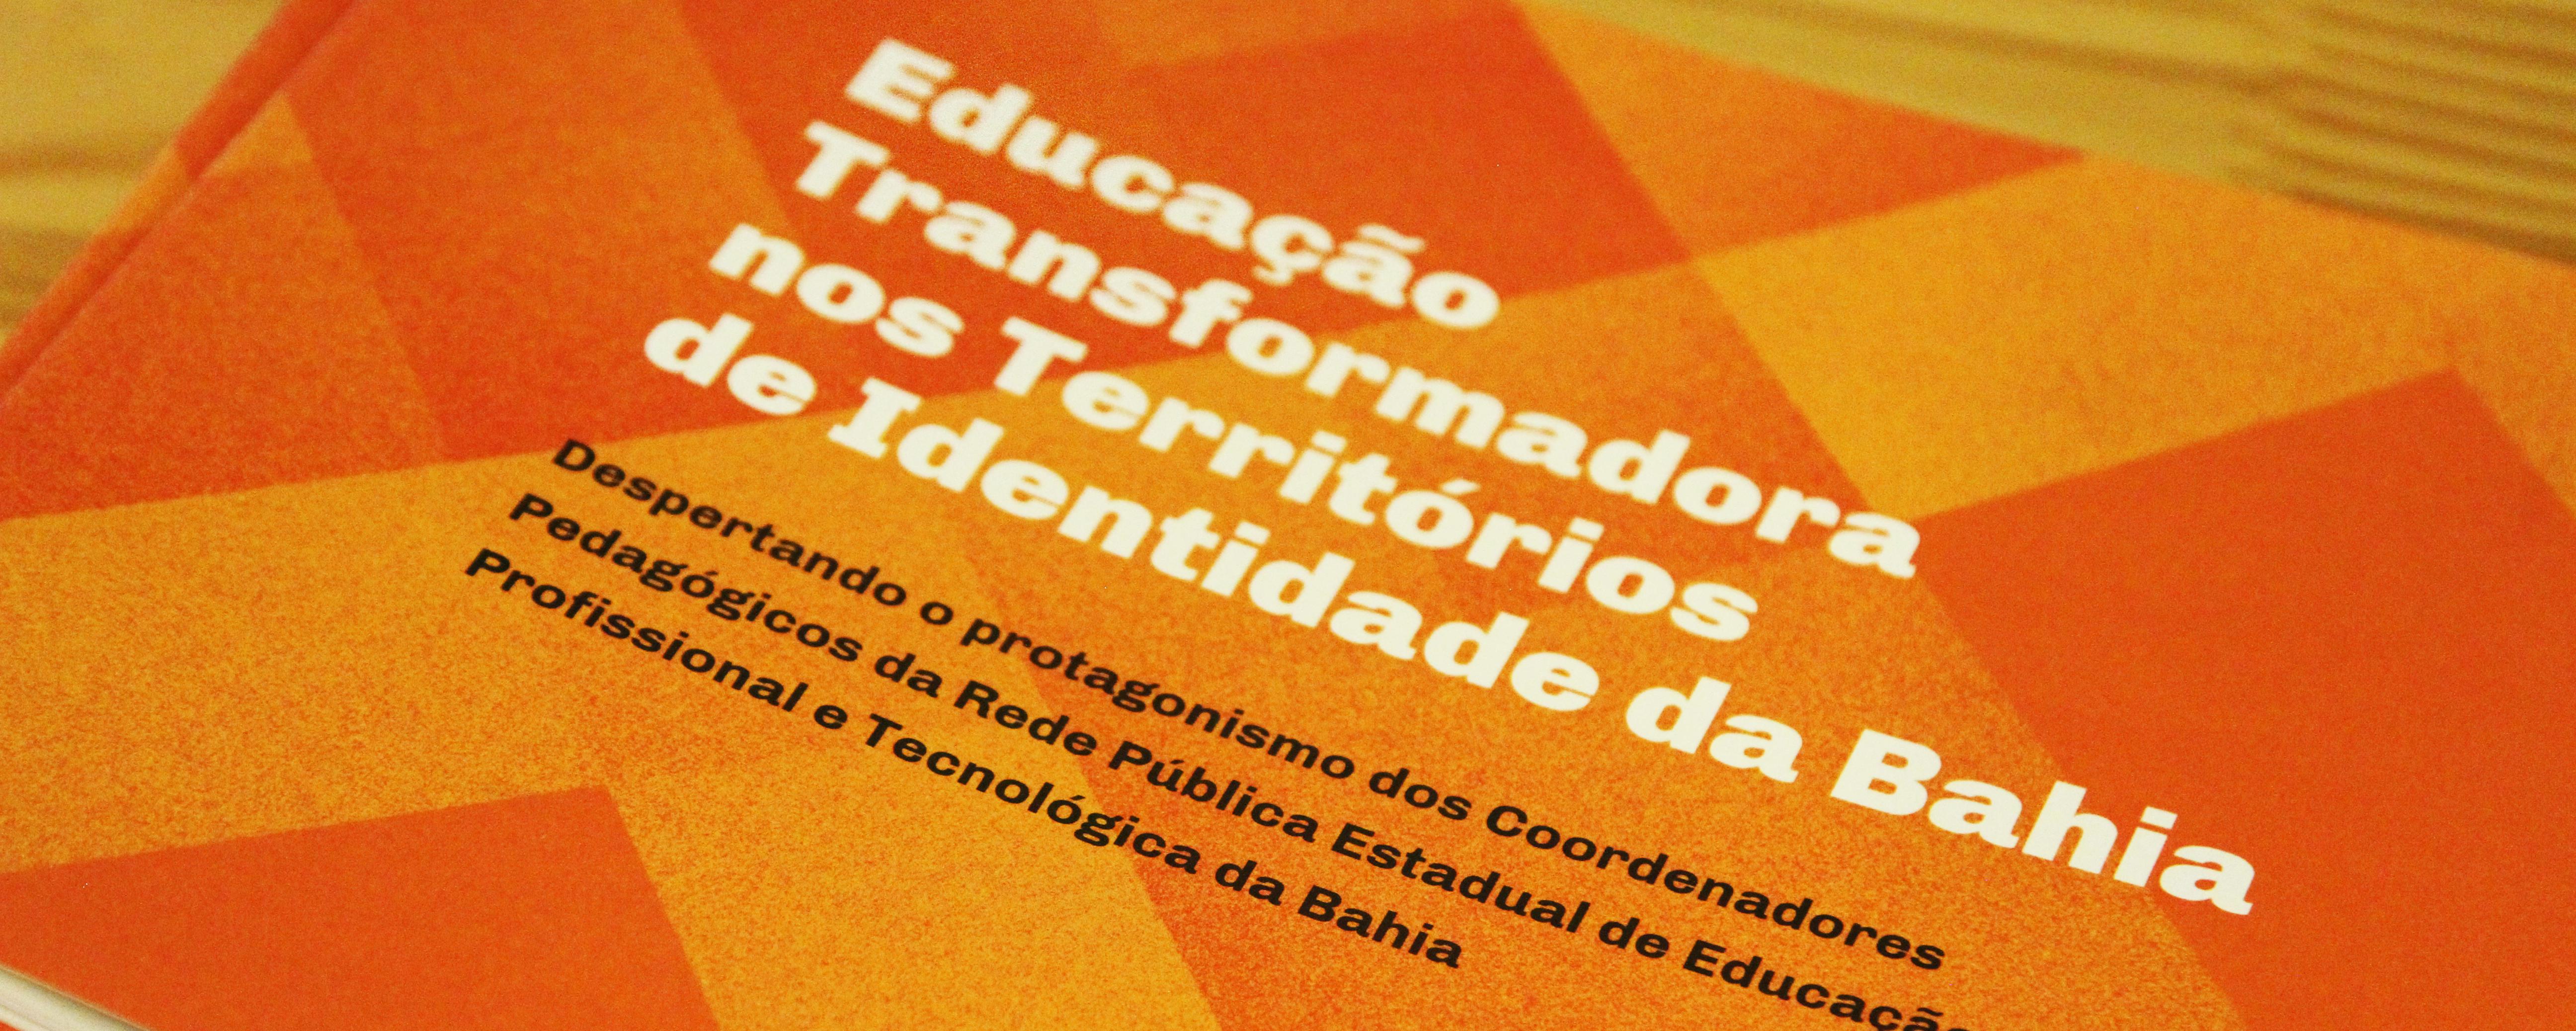 """Foto da capa da publicação """"Educação transformadora nos territórios de identidade da Bahia"""". A capa é laranja, com texto em branco e preto."""